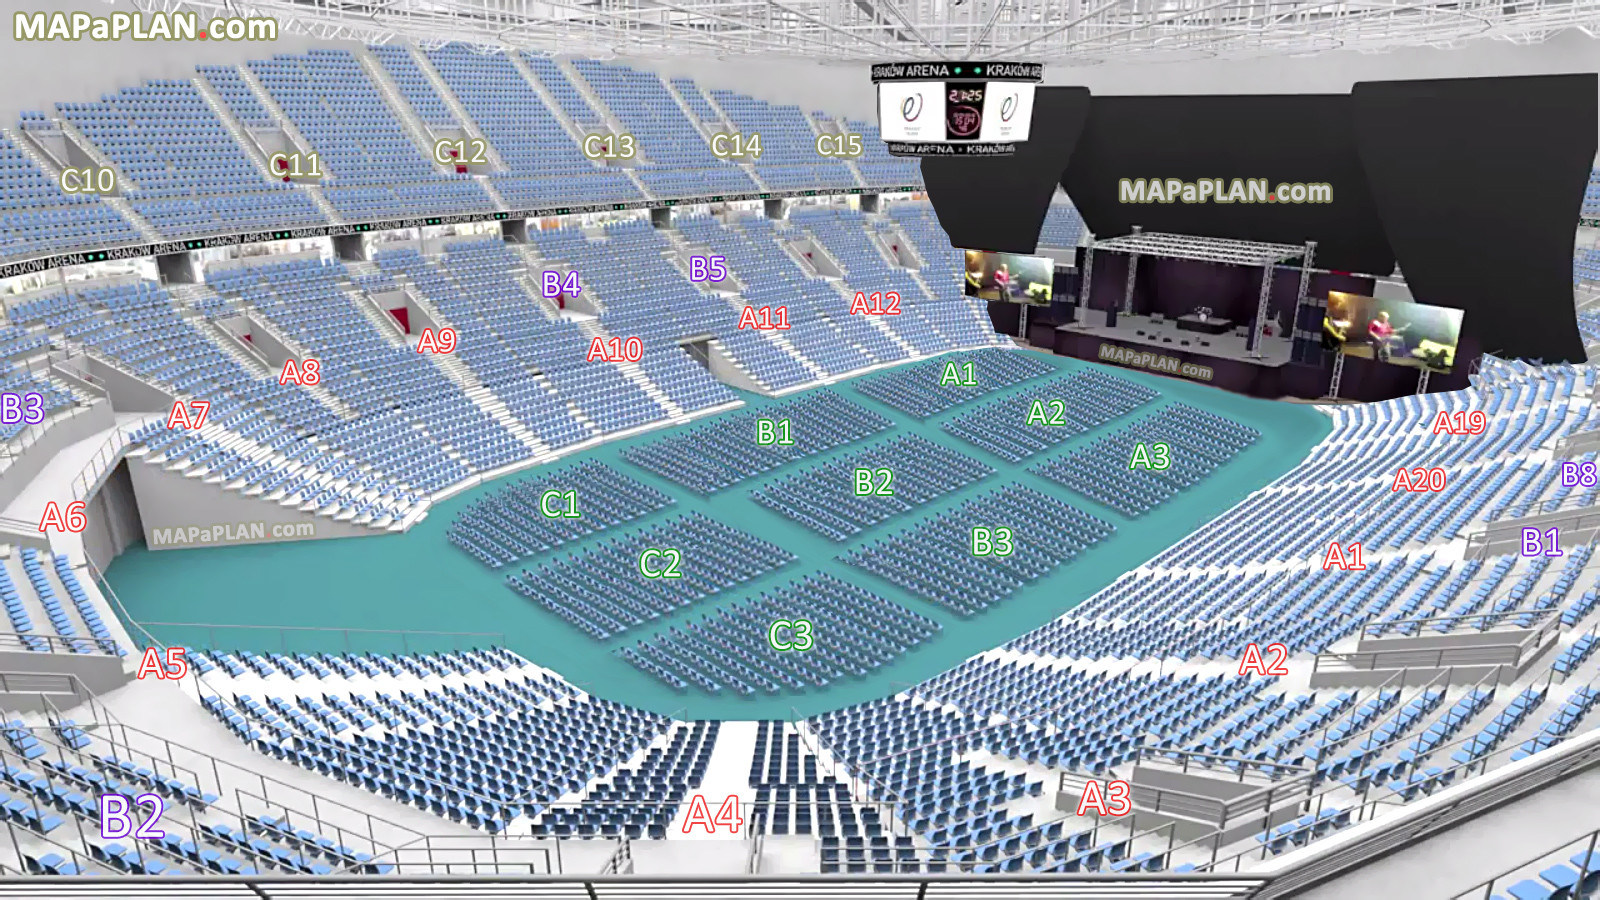 Ogromne miejsce na koncert czy wydarzenie sportowe